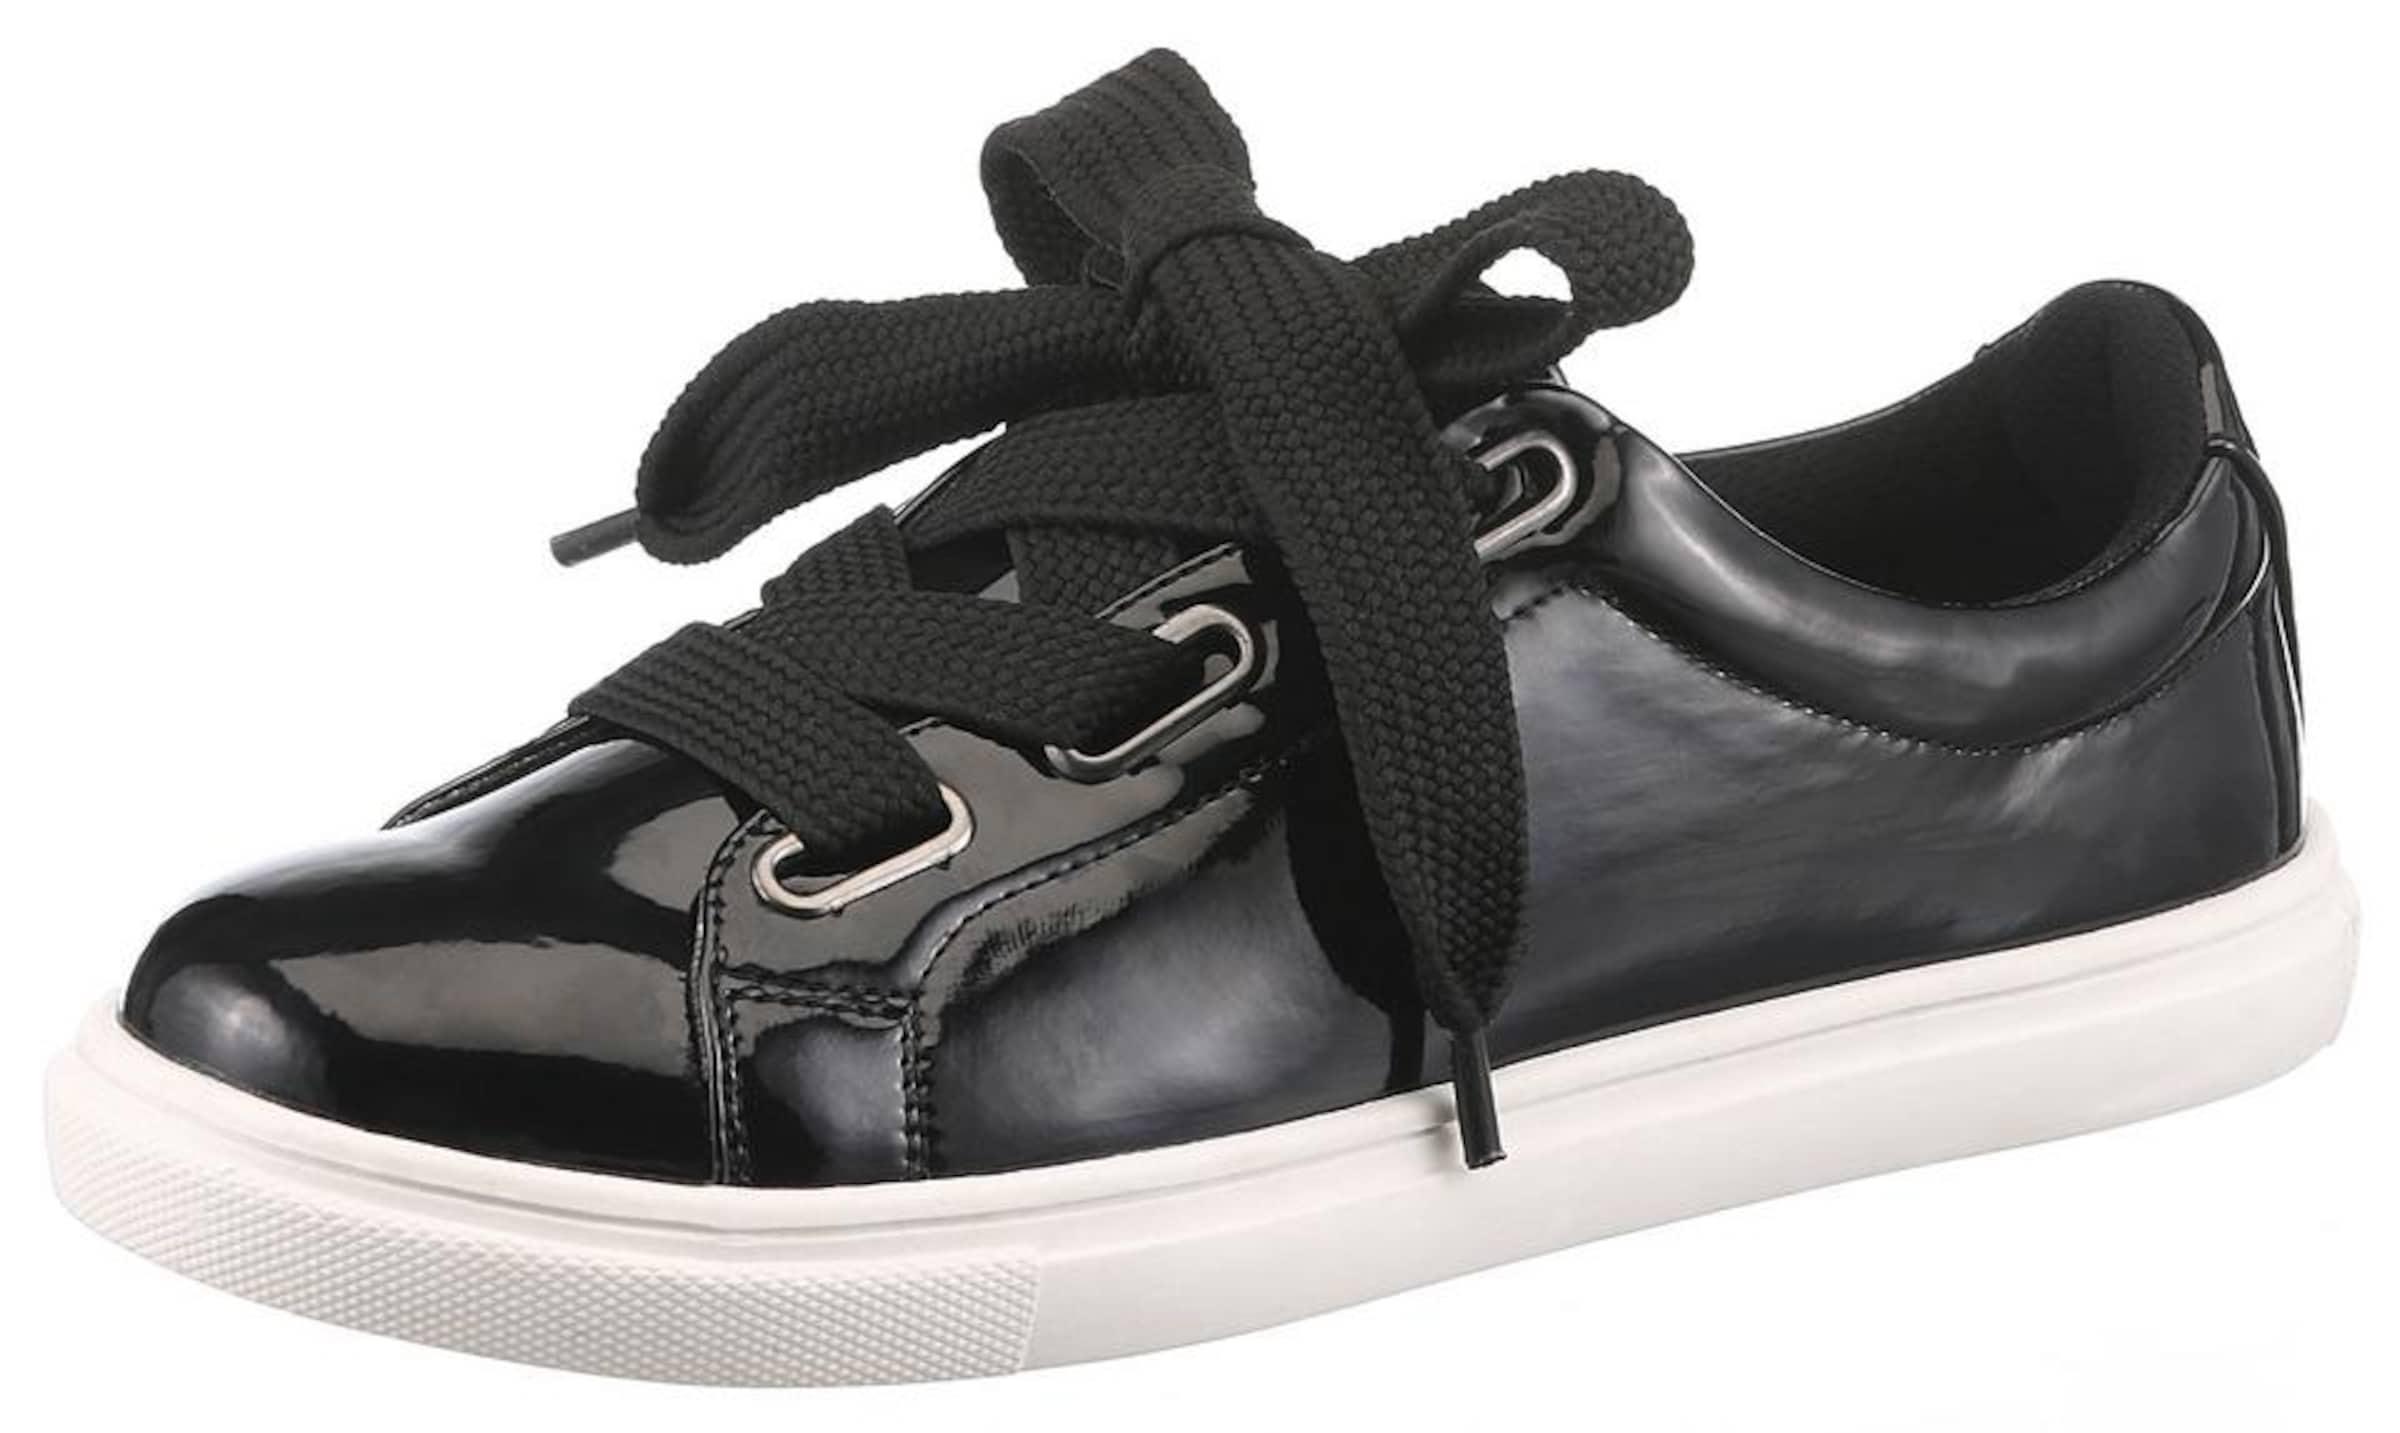 ARIZONA Plateausneaker Verschleißfeste billige Schuhe Hohe Qualität